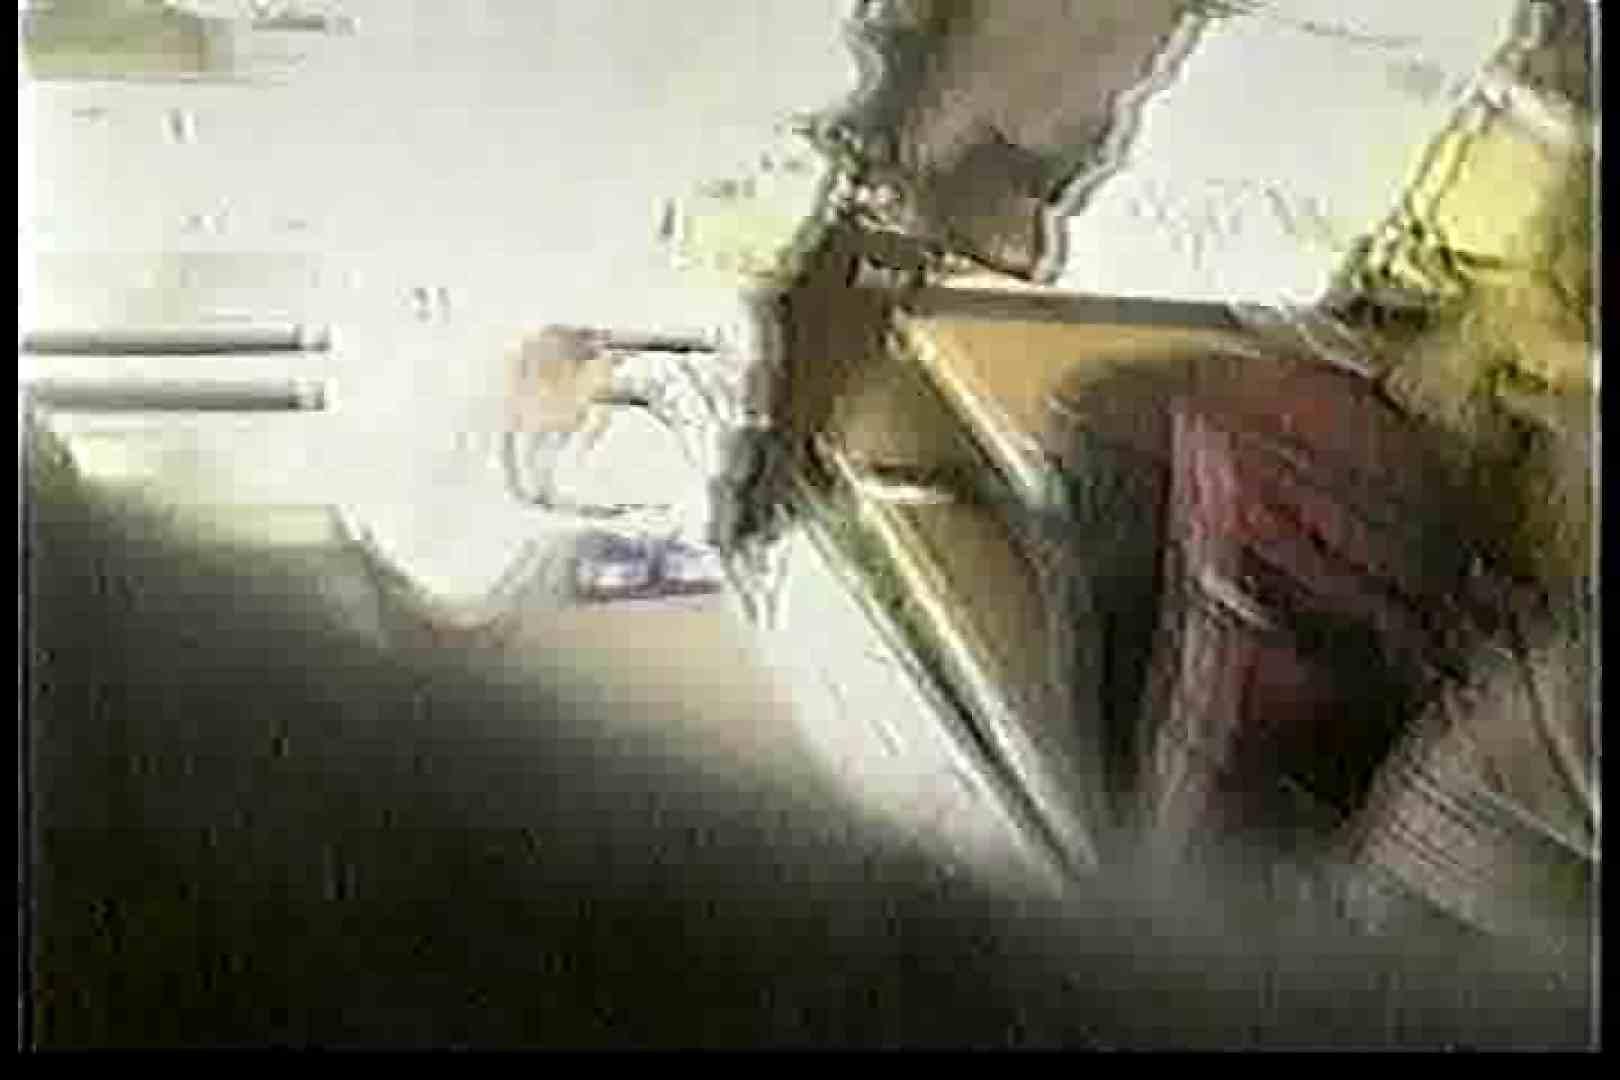 院内密着!看護婦達の下半身事情Vol.2 盗撮 AV動画キャプチャ 105PIX 2